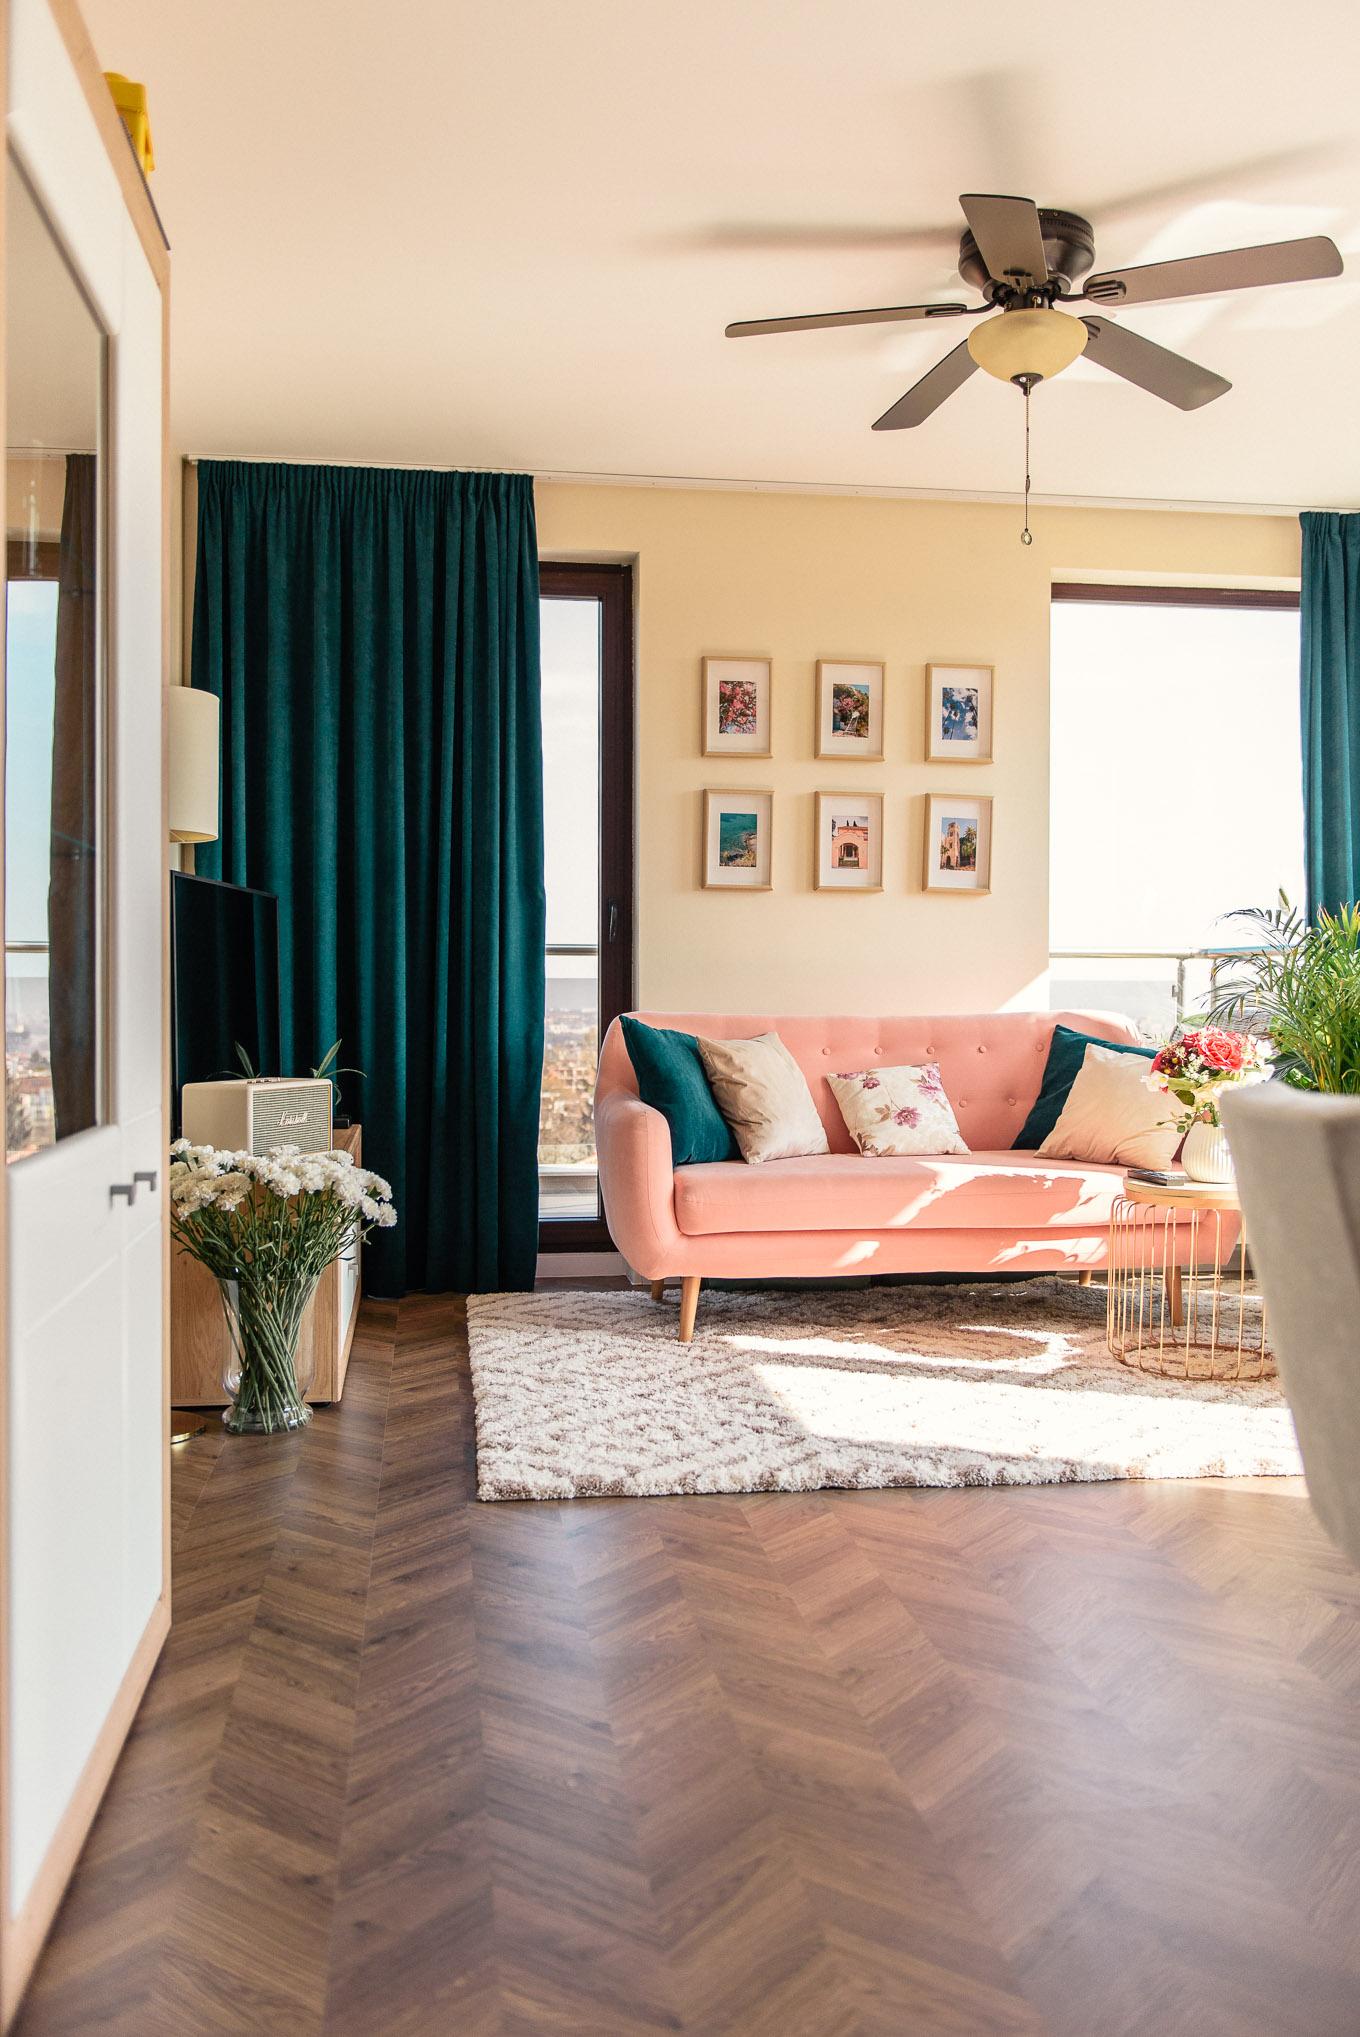 Tricks to make living room appear larger